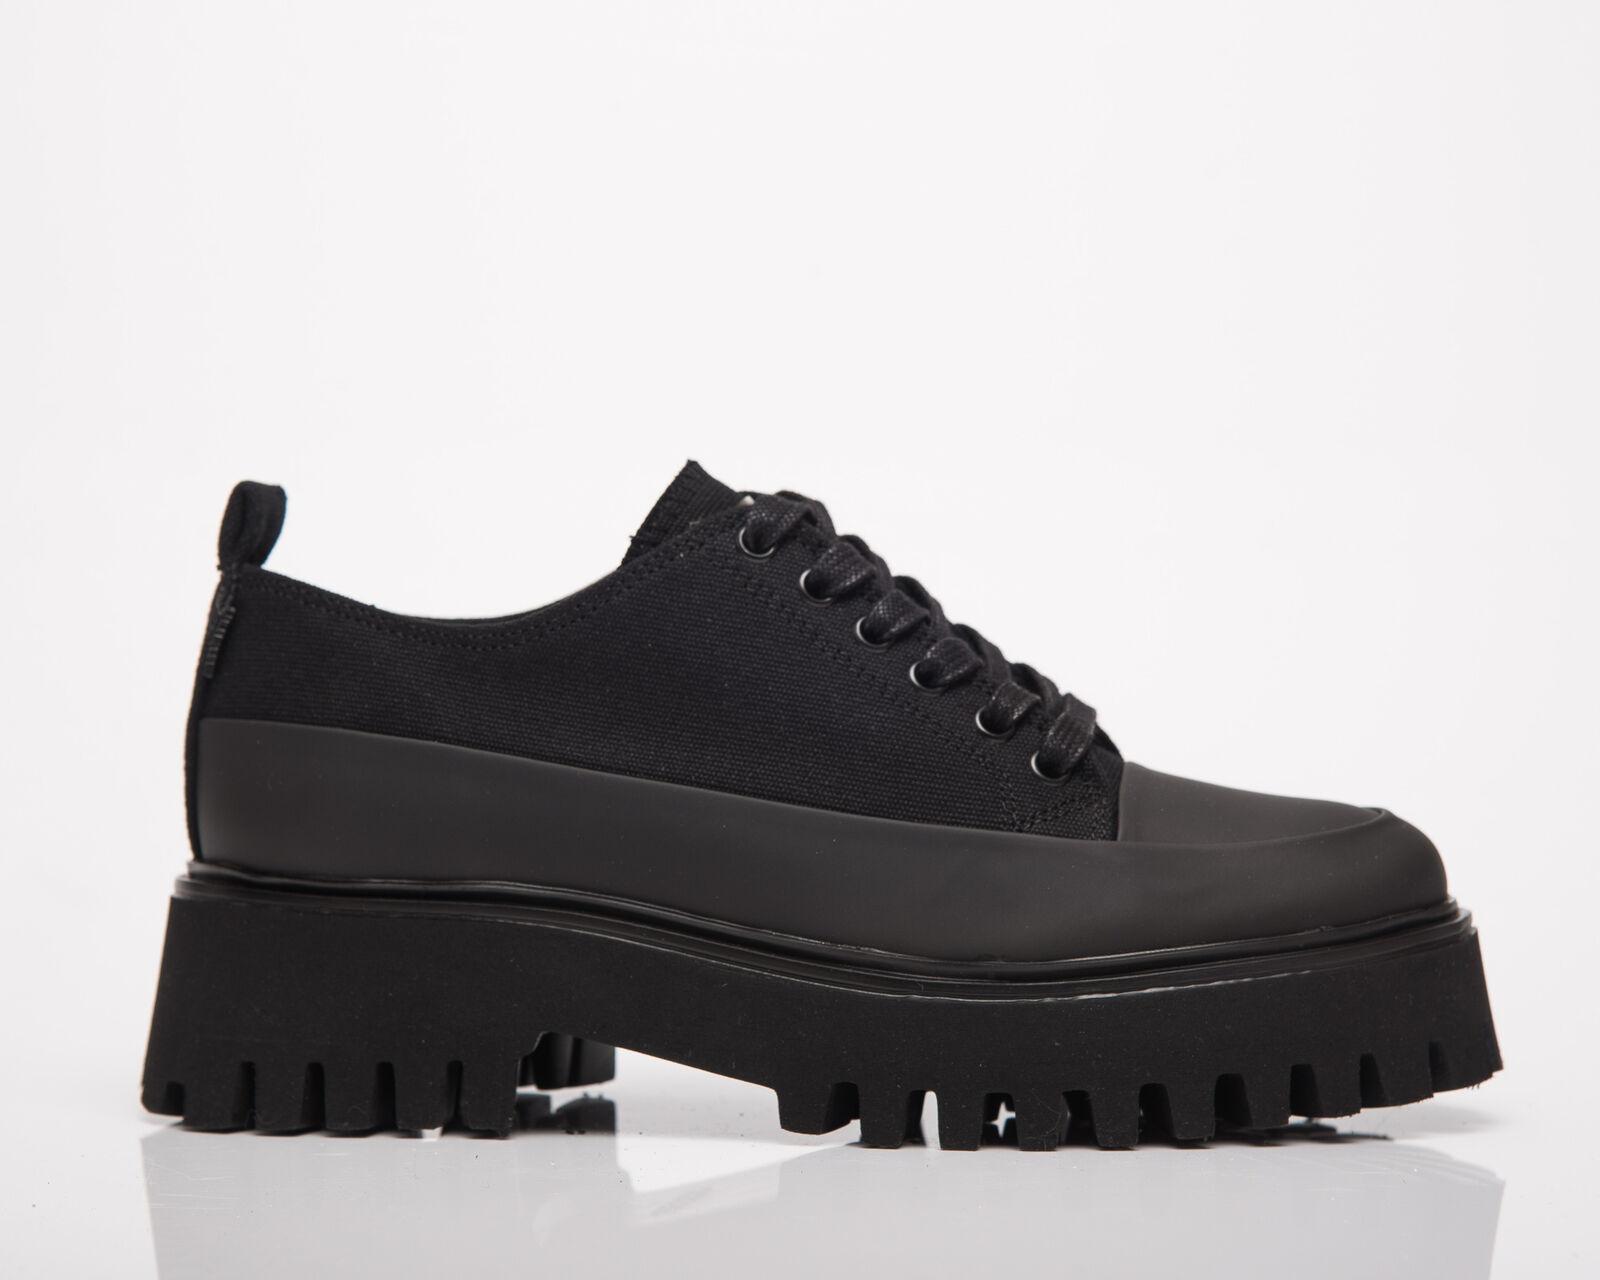 BRONX Groov-Y Lace Up Canvas Femmes Noir Bas Décontracté Vie Bottes Chaussures